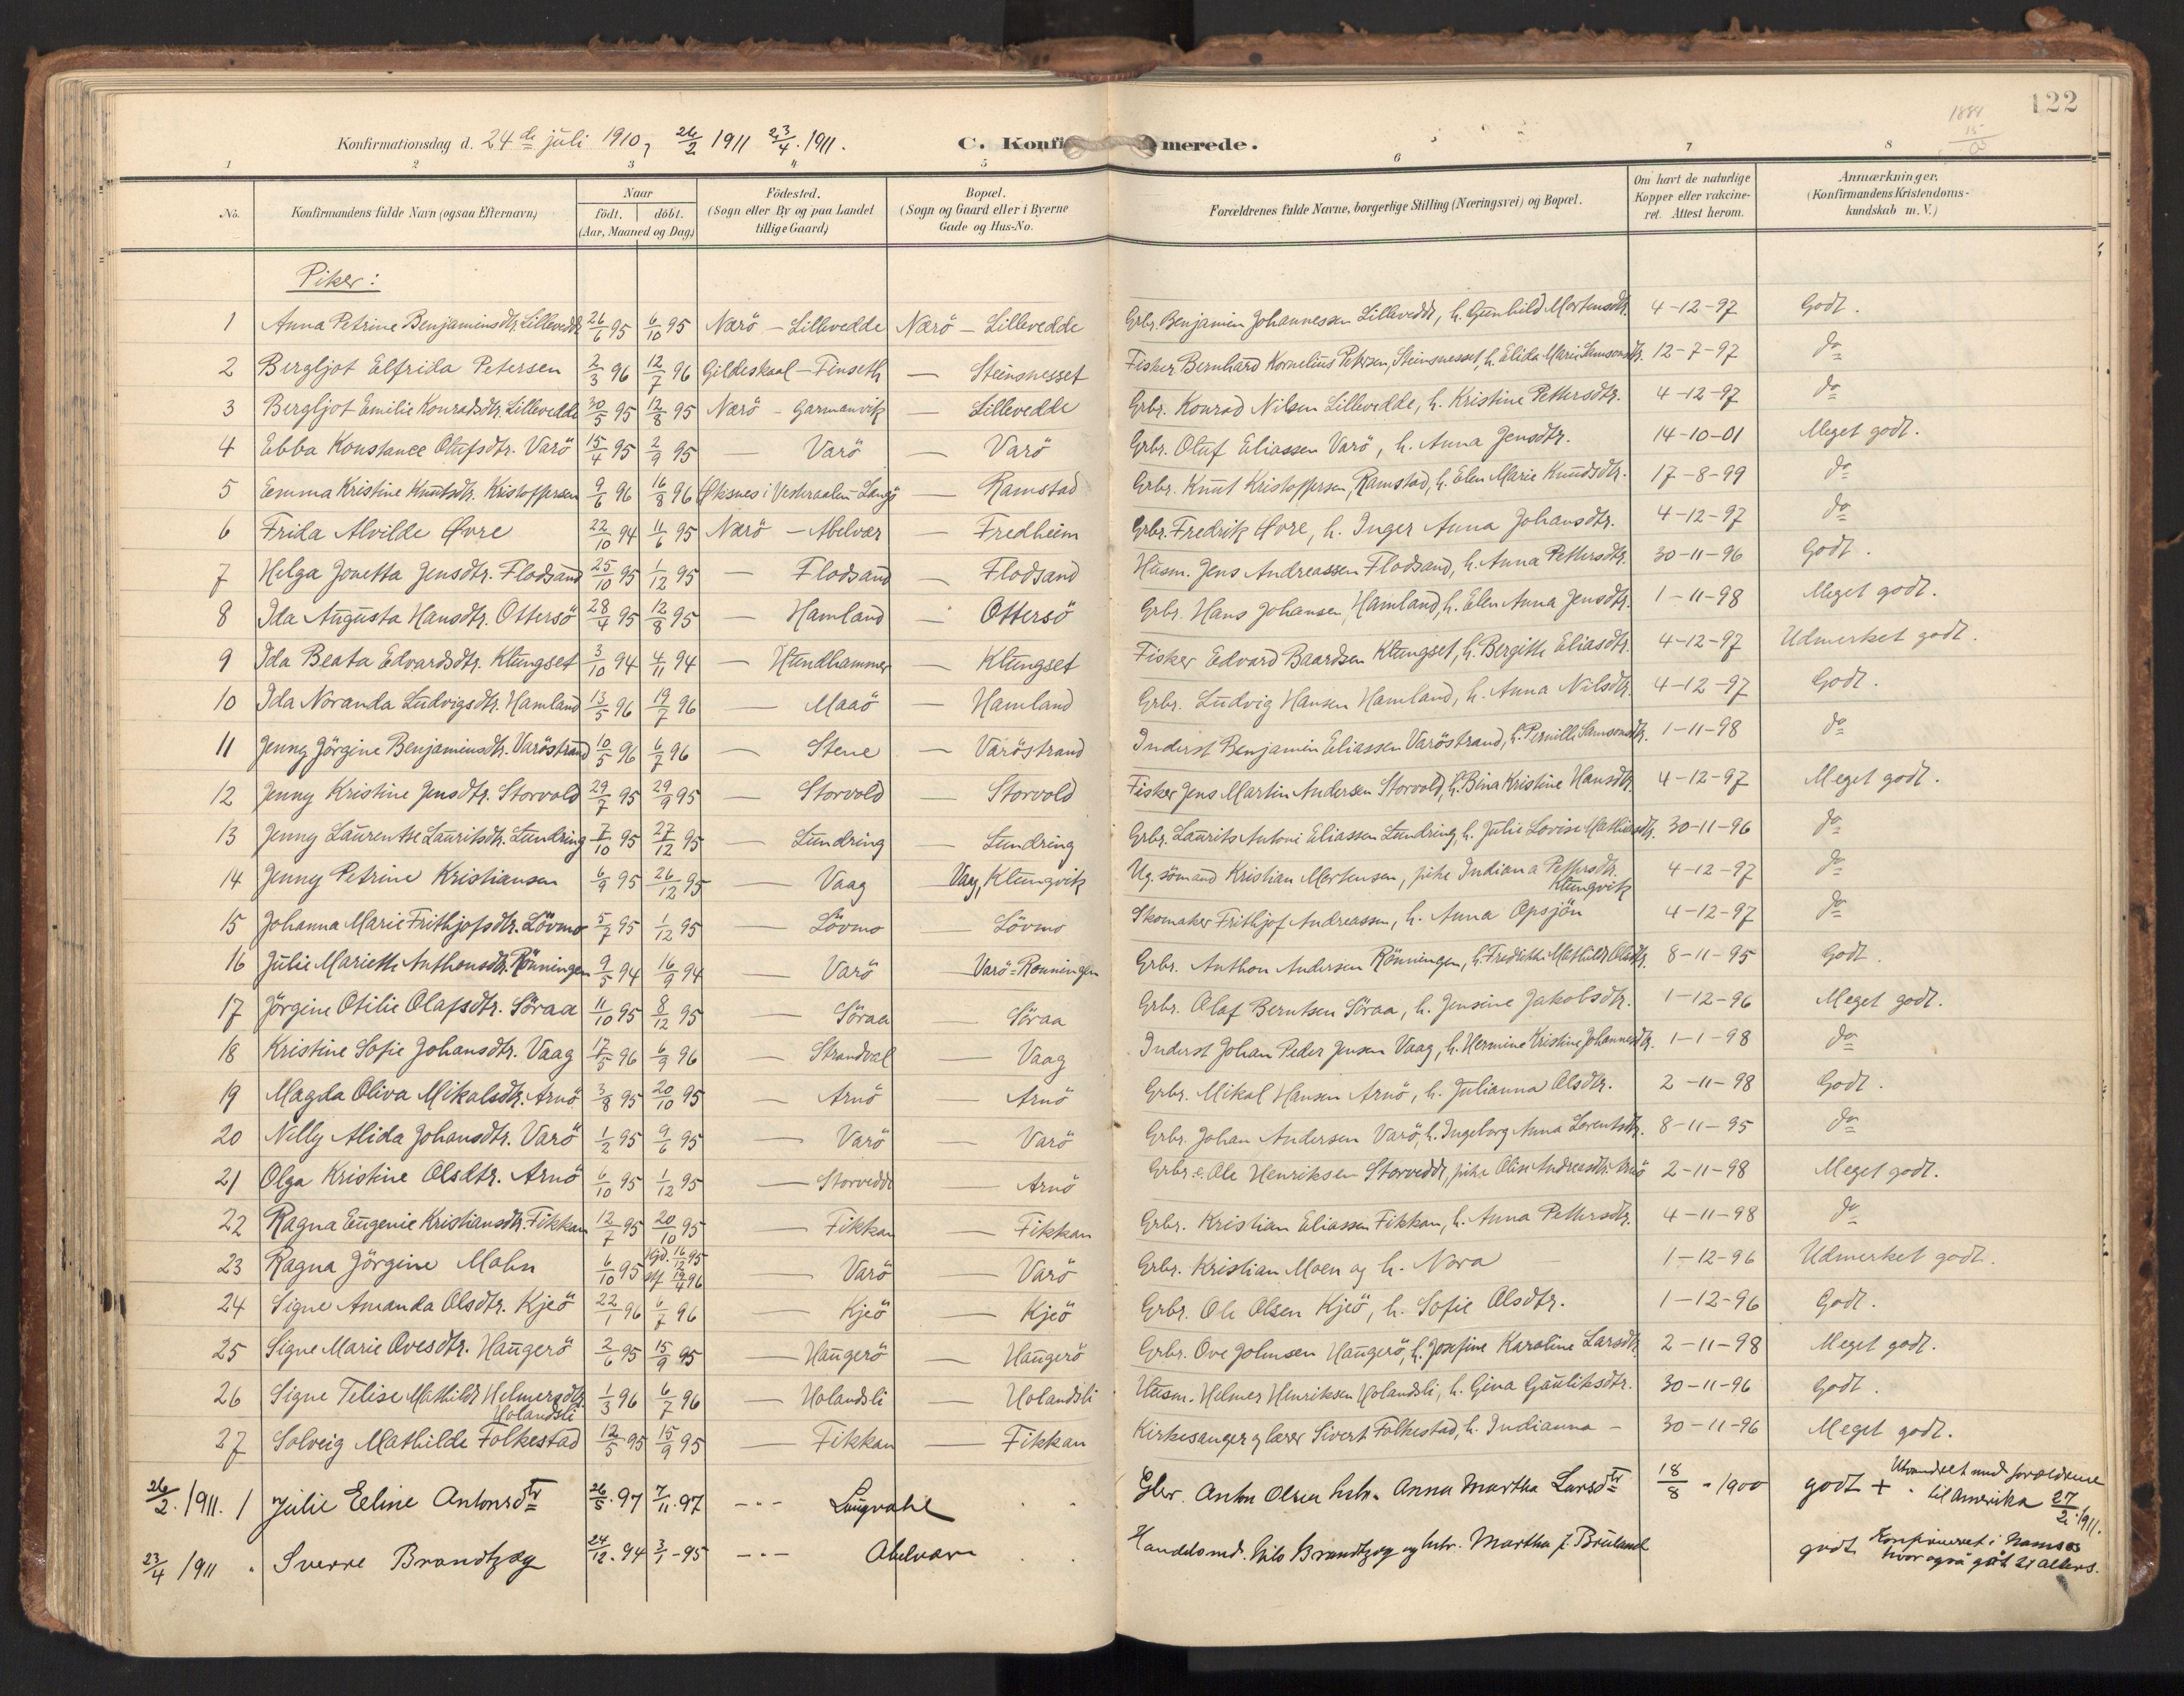 SAT, Ministerialprotokoller, klokkerbøker og fødselsregistre - Nord-Trøndelag, 784/L0677: Ministerialbok nr. 784A12, 1900-1920, s. 122